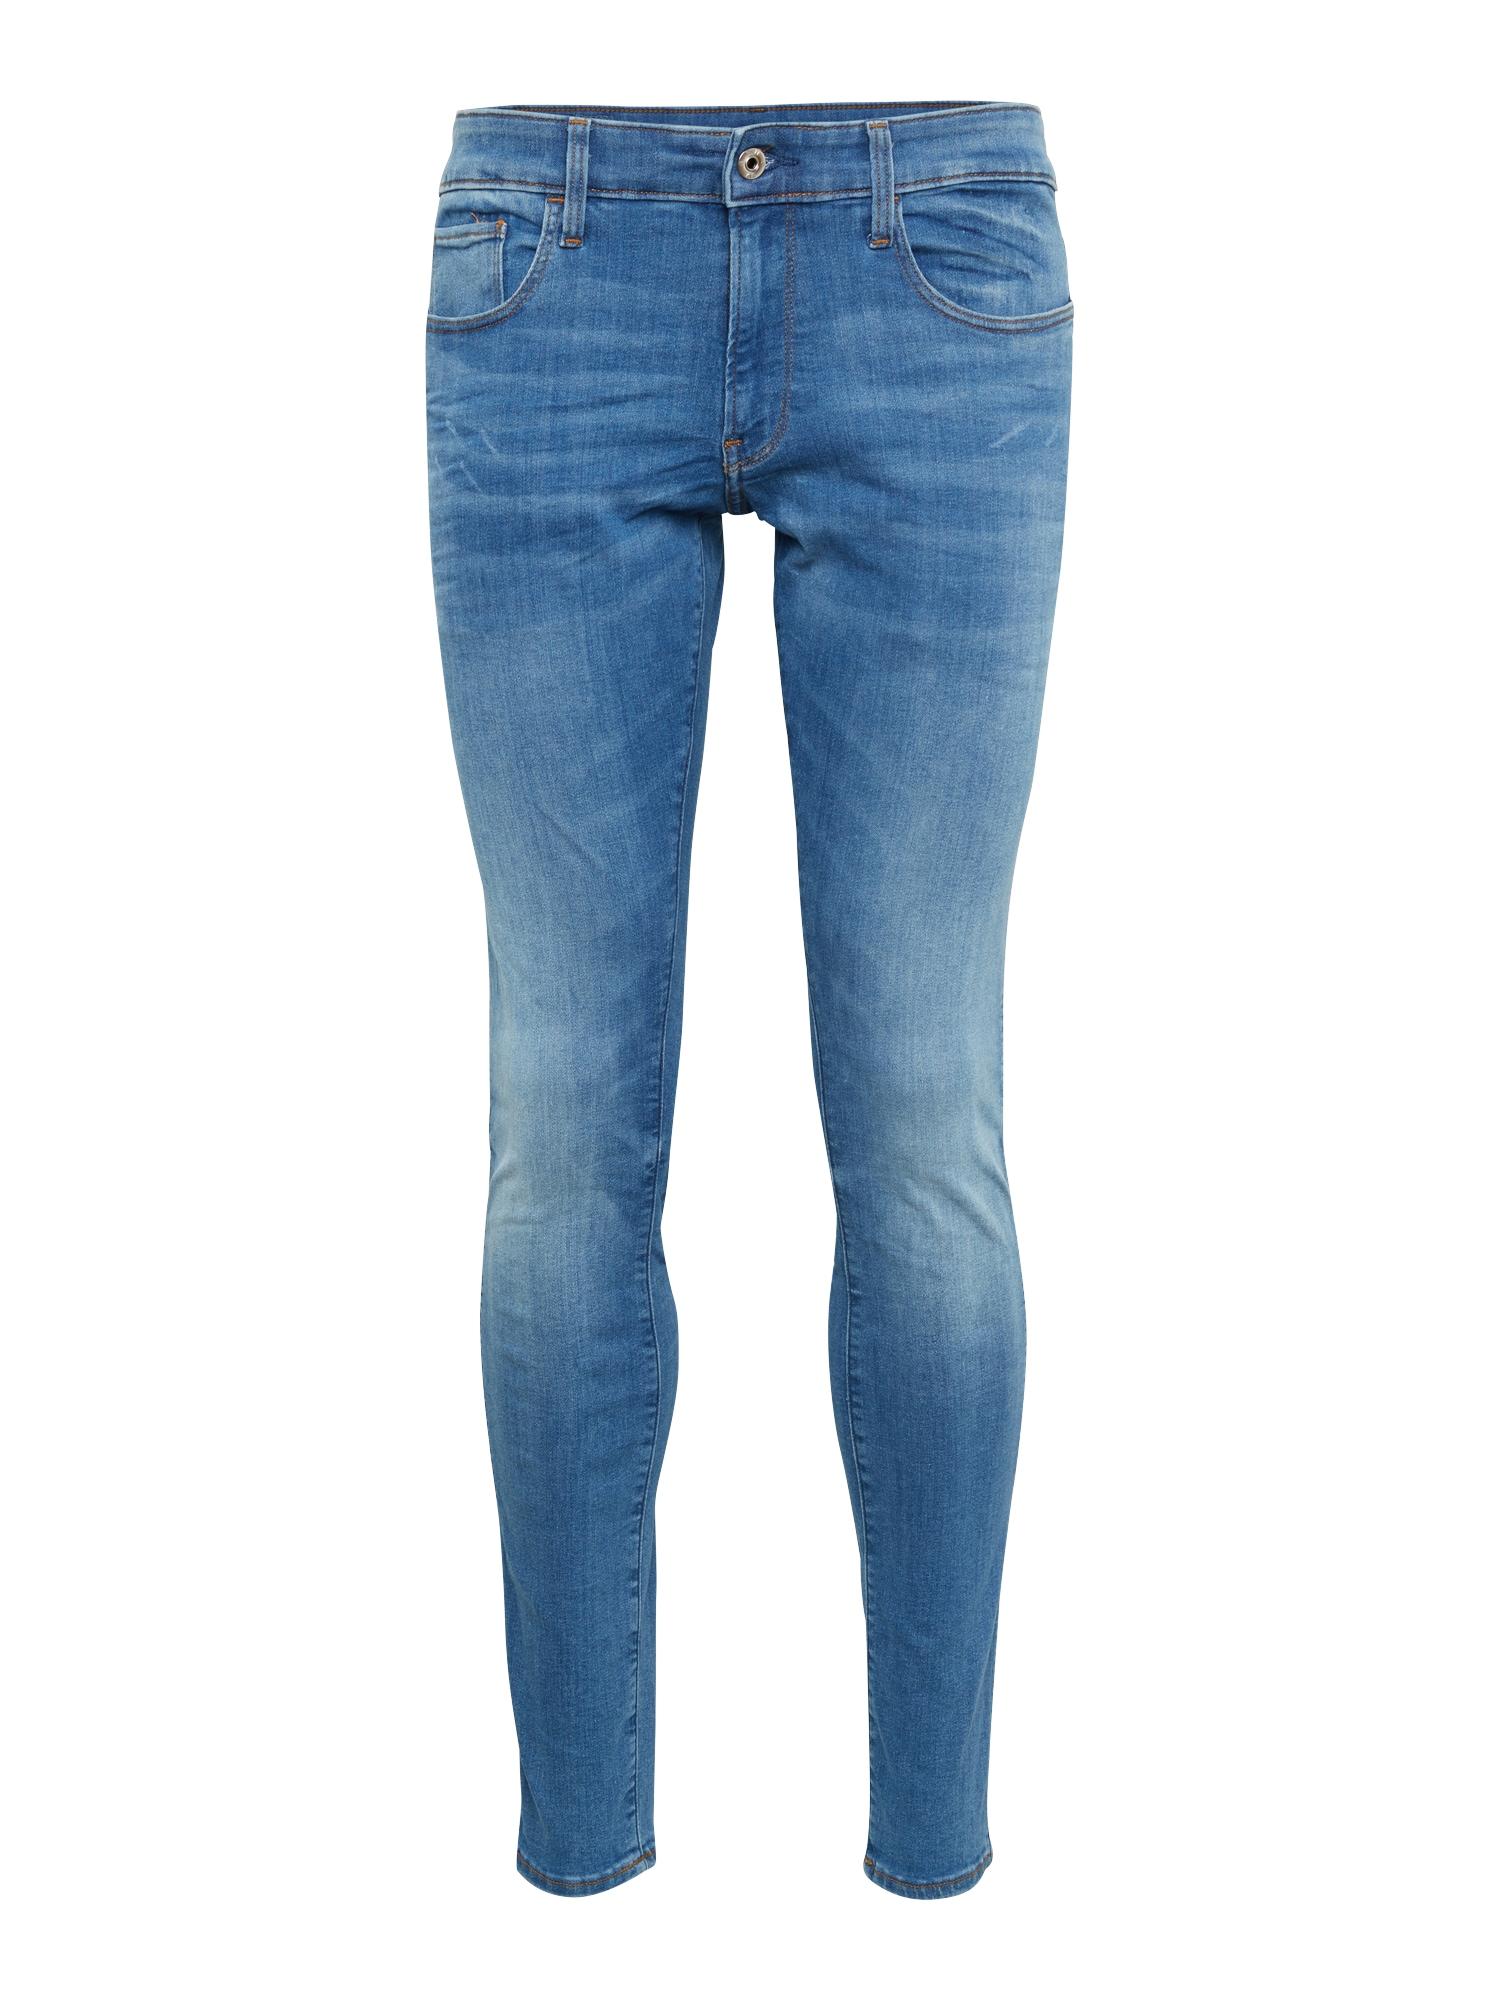 Džíny 3301 Deconstructed Skinny modrá džínovina G-STAR RAW